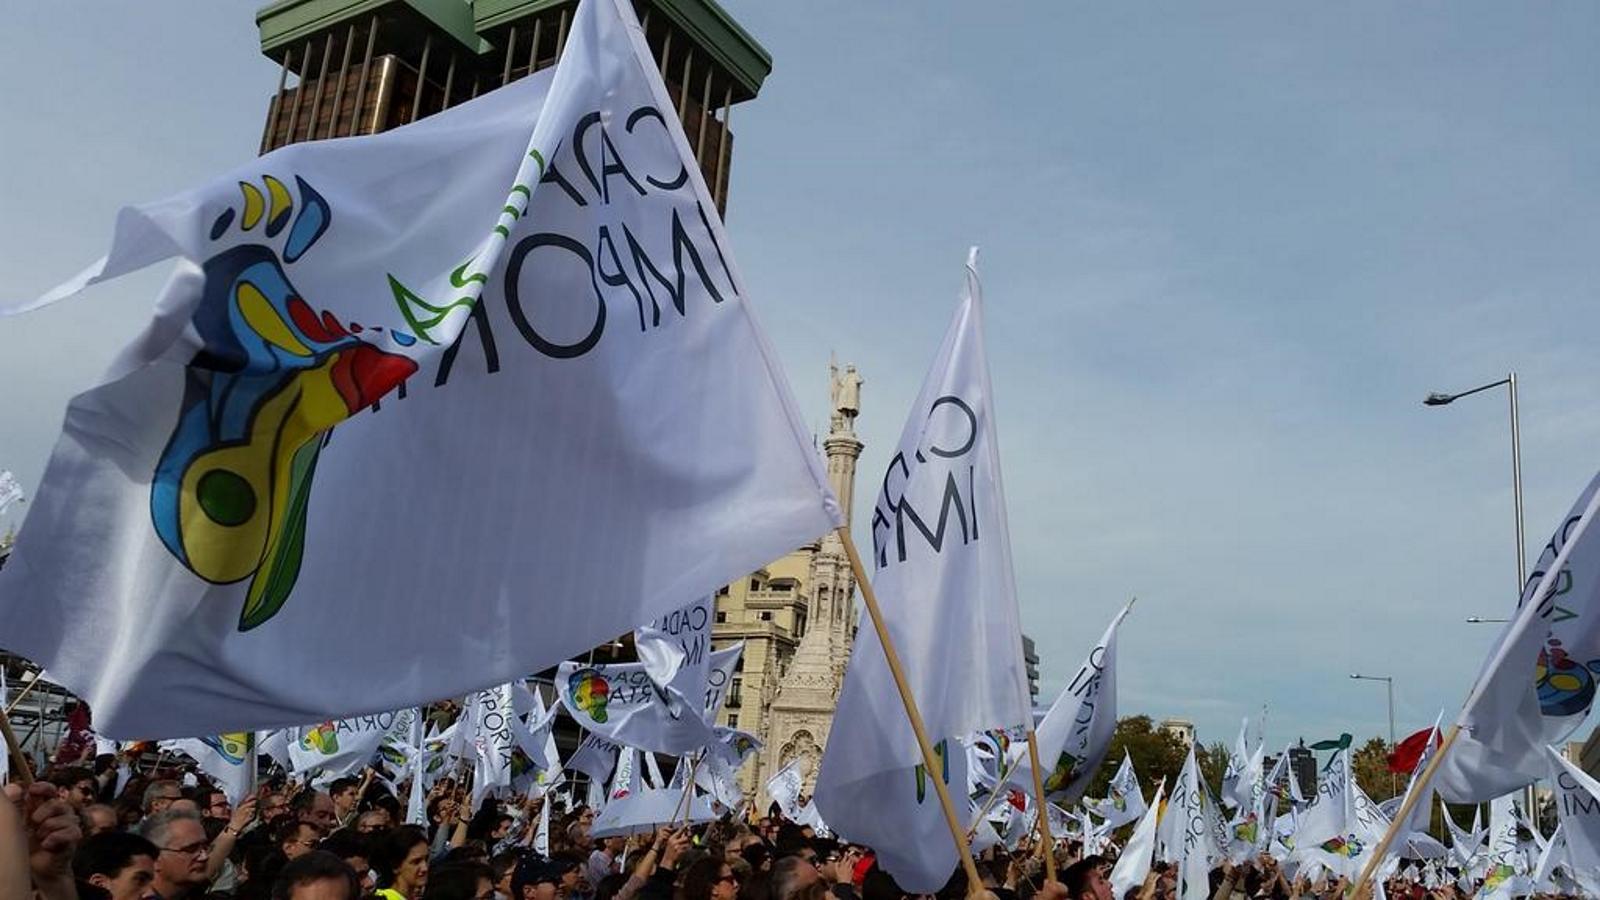 FOTOGRAFÍA. MADRID (ESPAÑA), 22.11.2014. Miles de peersonas protestan en las calles de Madrid a favor d ela vida. Ñ Pueblo